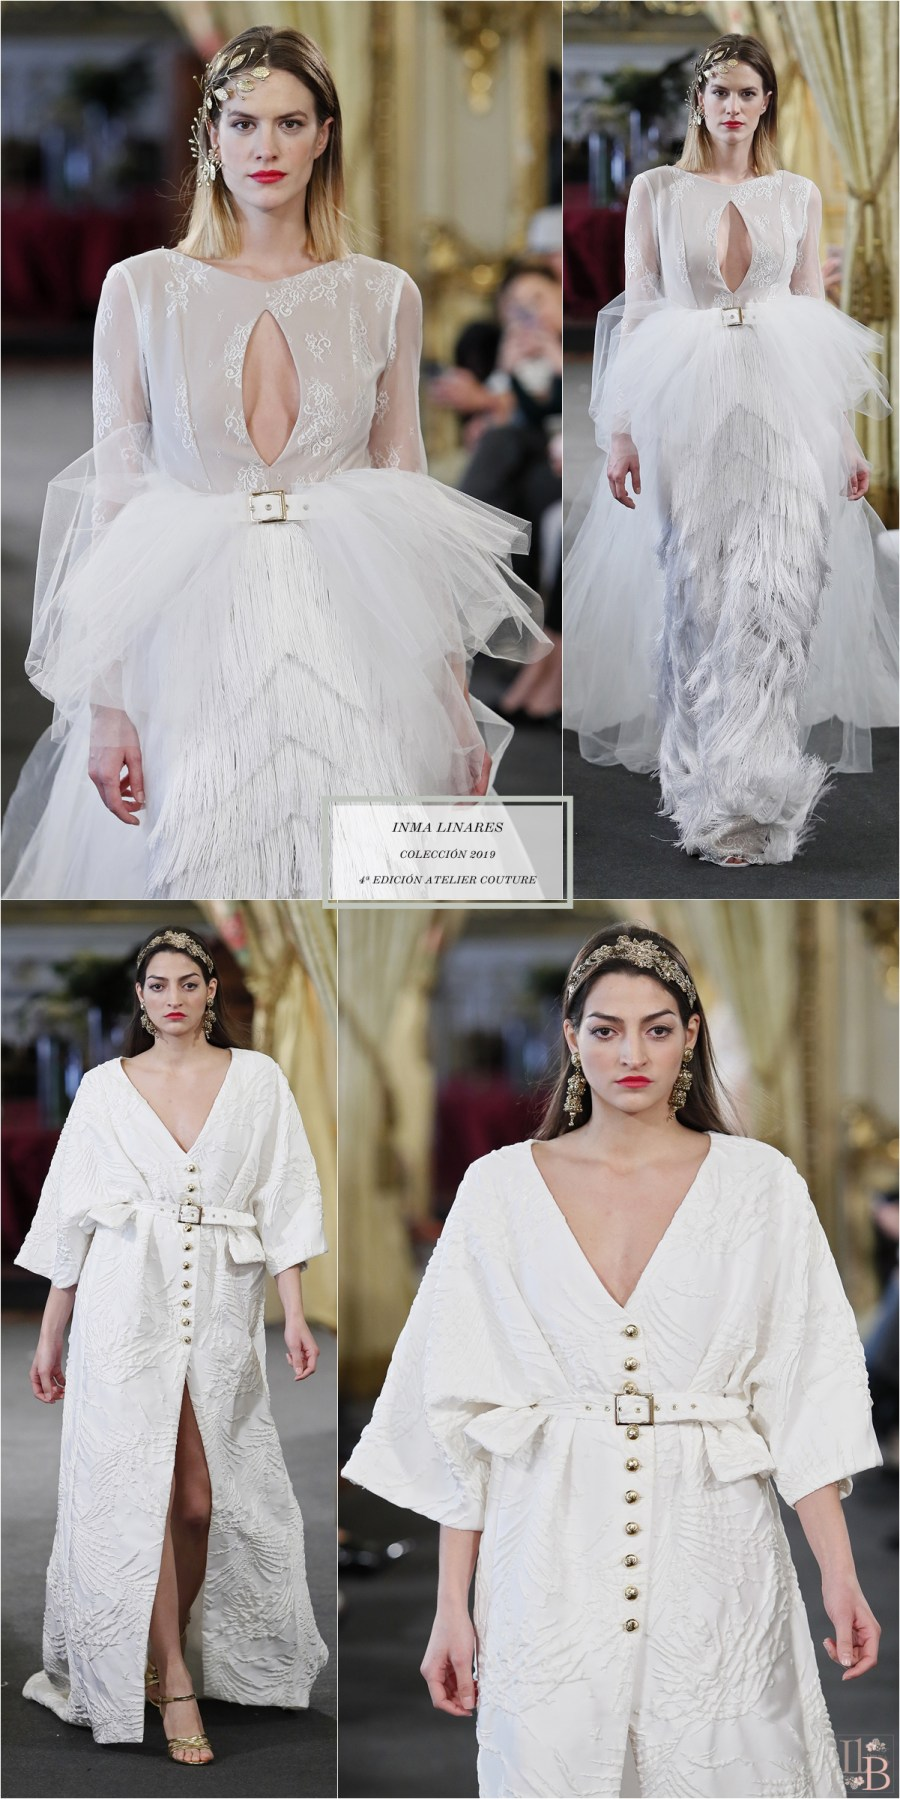 Desfile Atelier Couture 2018- Inma Linares: Colección Novias 2019